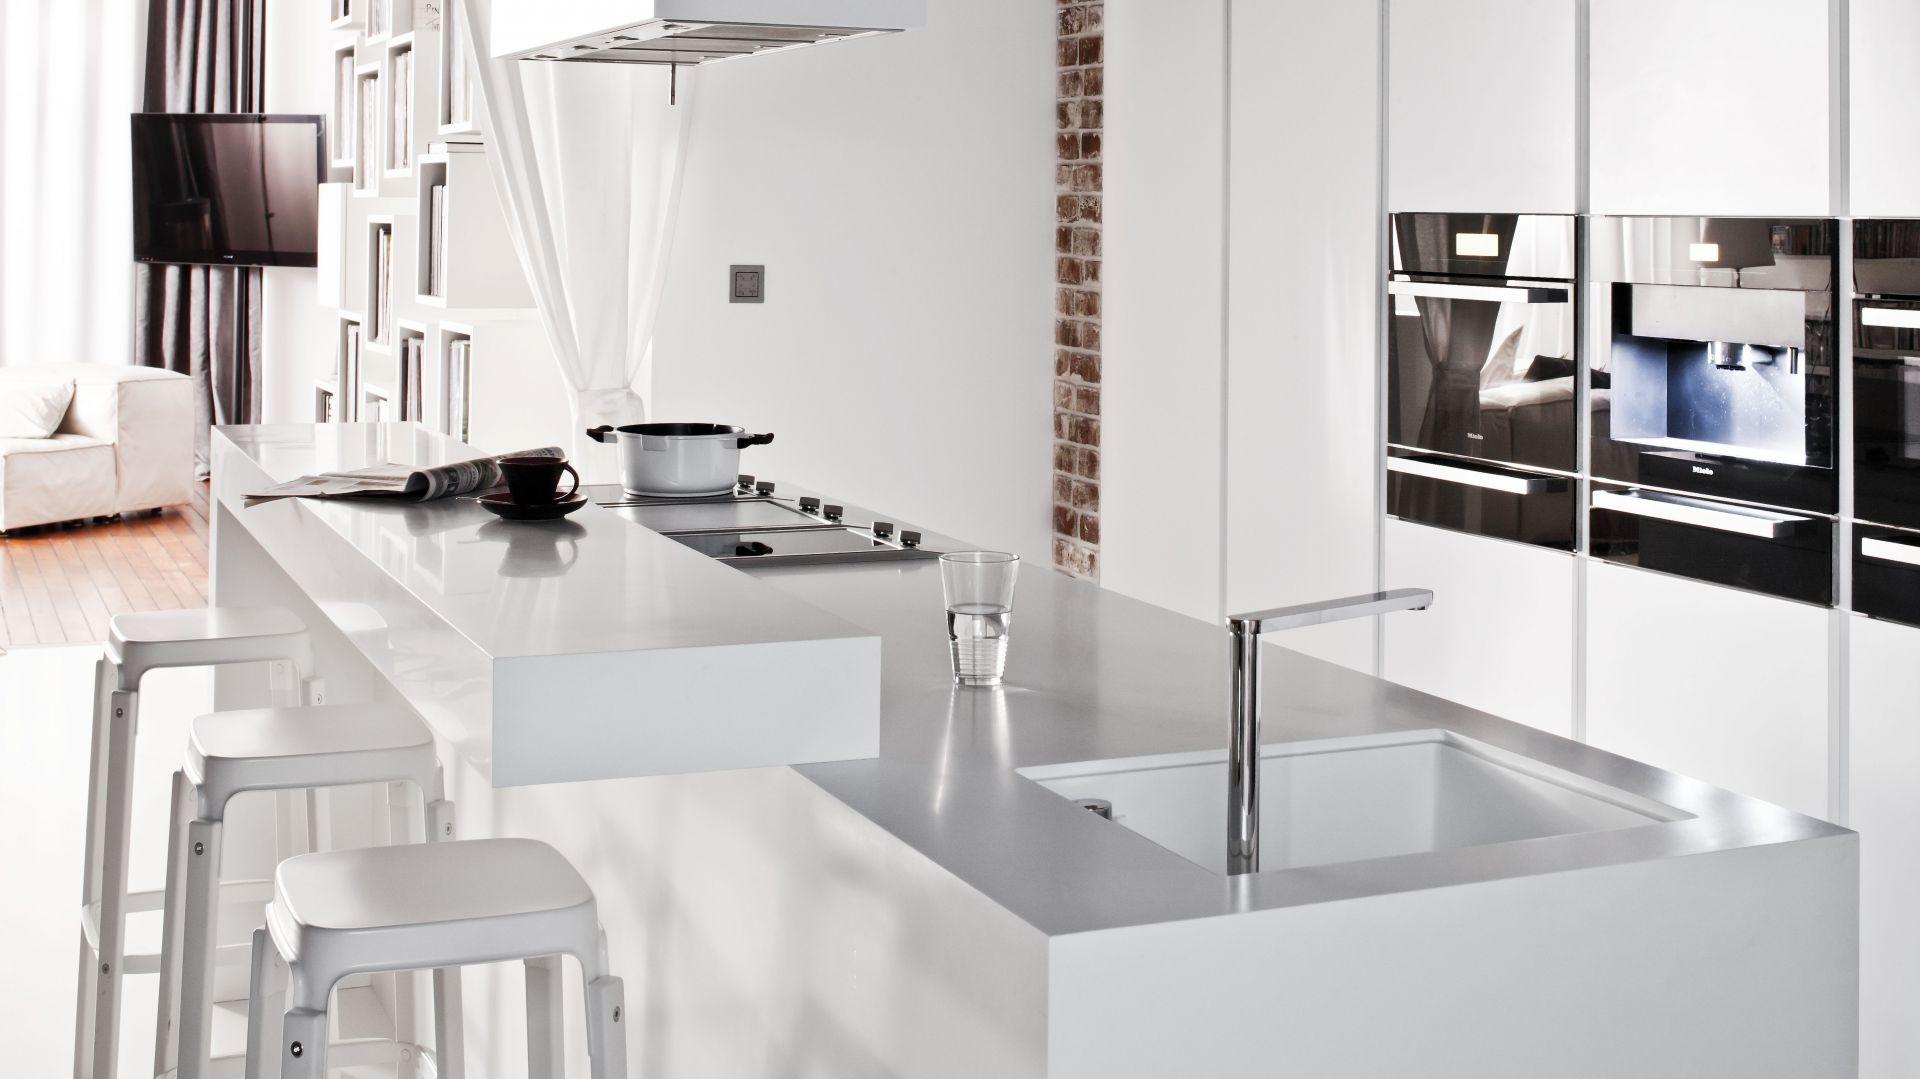 Z jednej strony wyspy Biała kuchnia elegancka i   -> Biala Kuchnia Elegancka